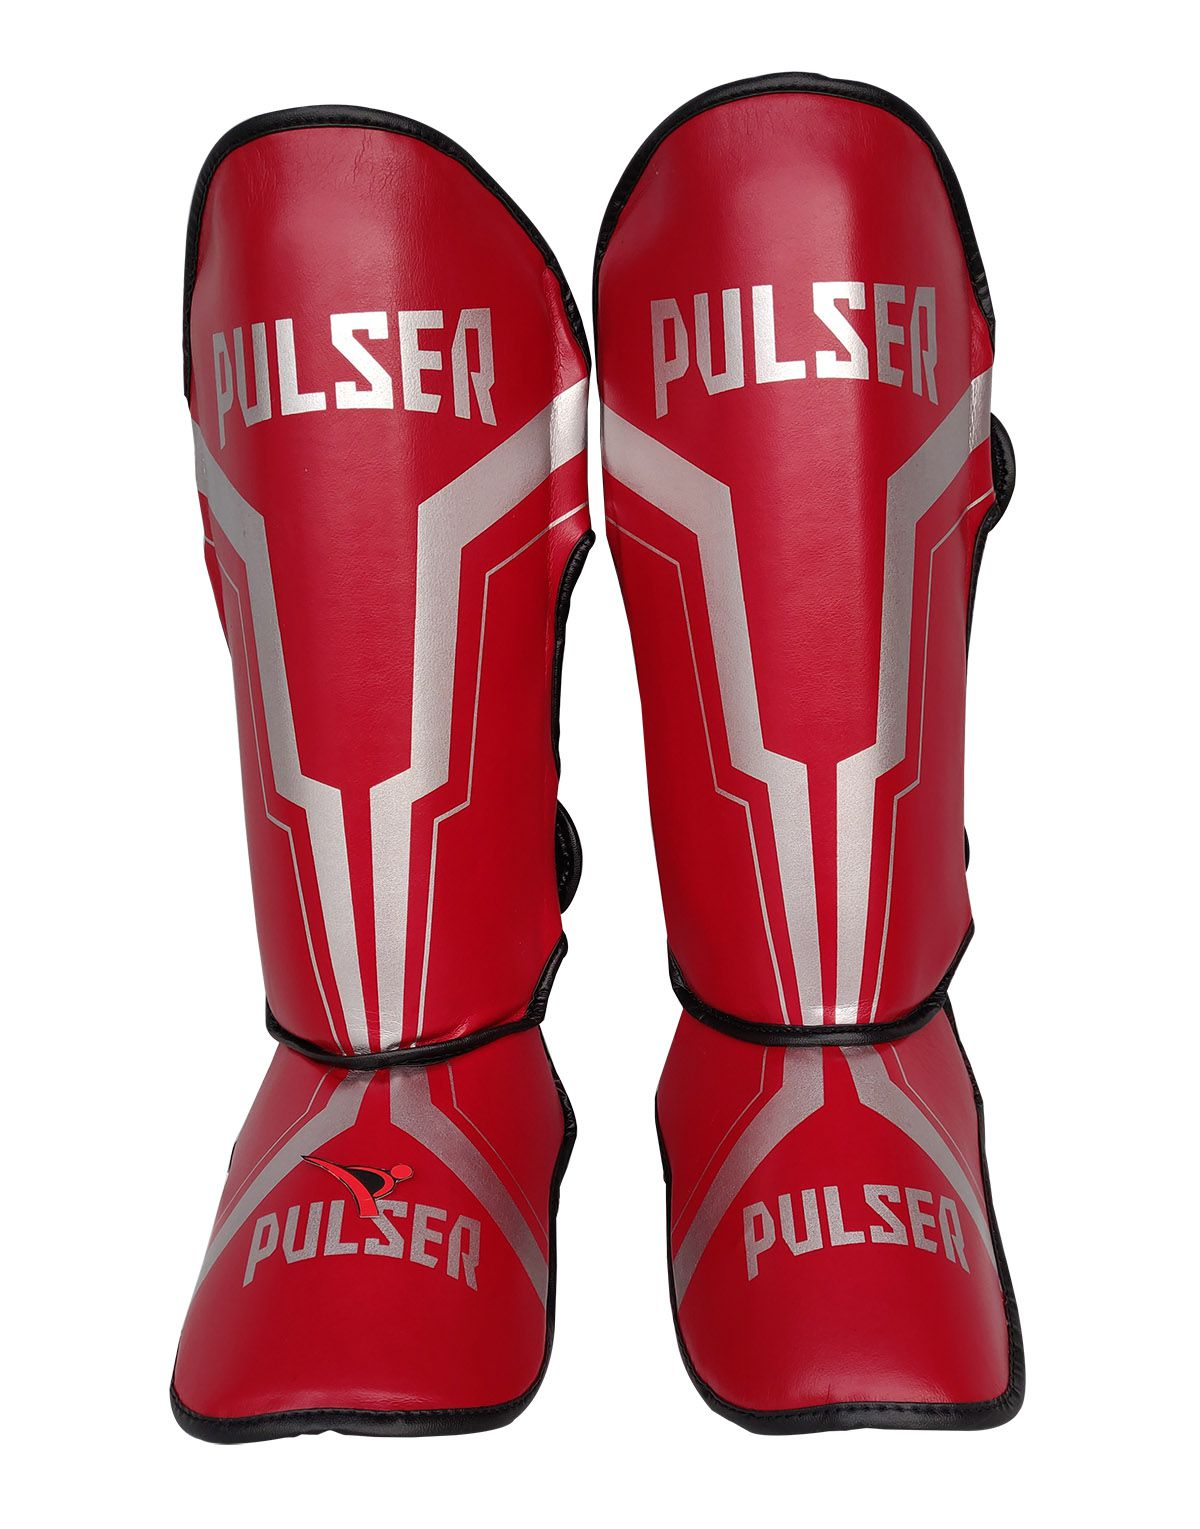 Caneleira Tradicional Muay Thai MMA Vermelha Iron 20mm - Pulser  - PRALUTA SHOP